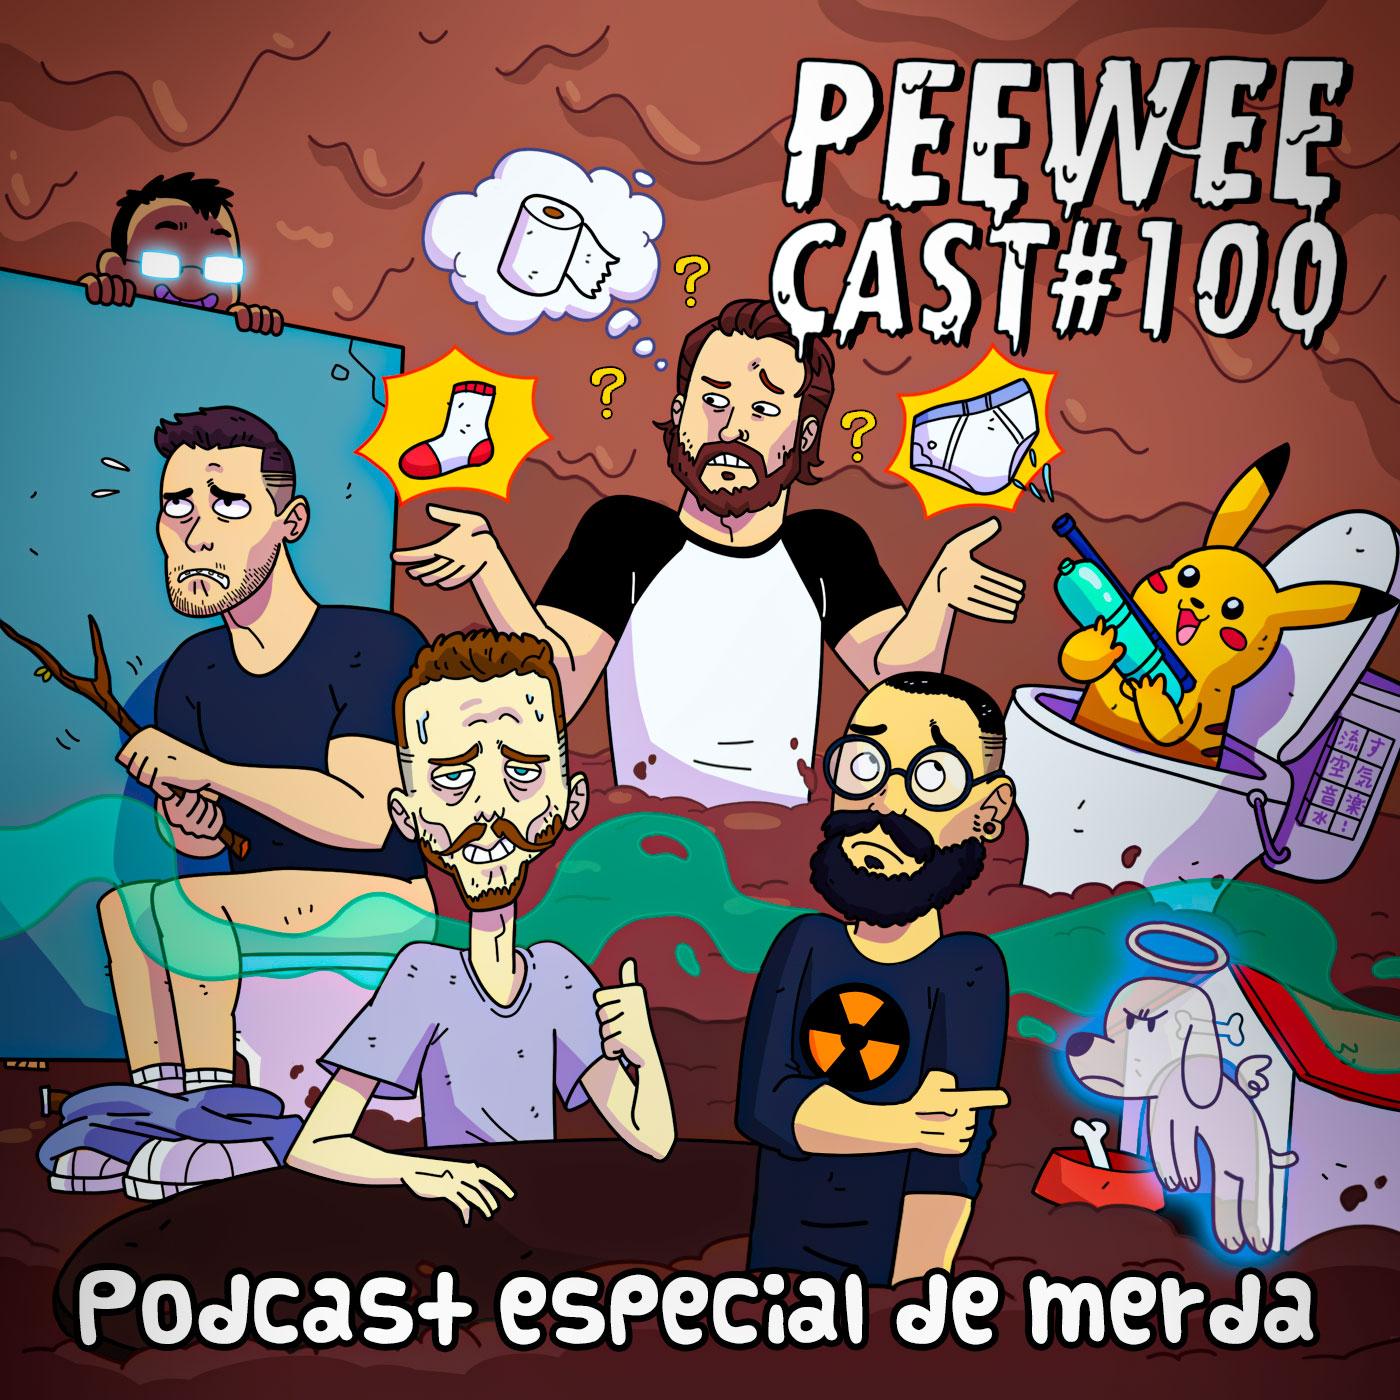 PWC100 – O PODCAST DE M3RDA